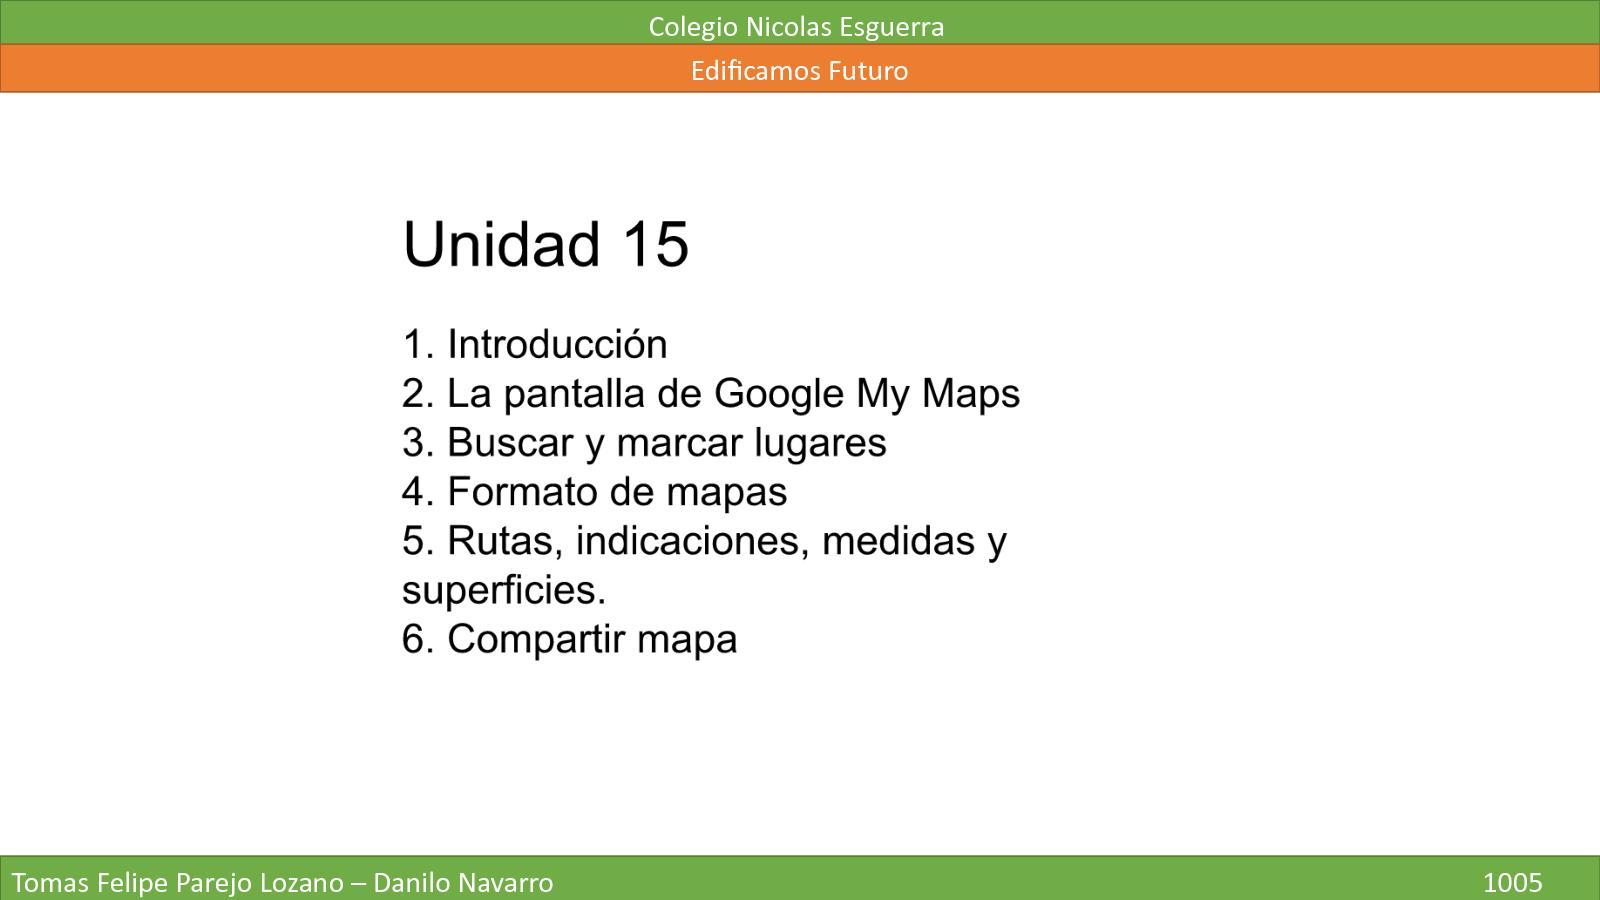 Unidad 15